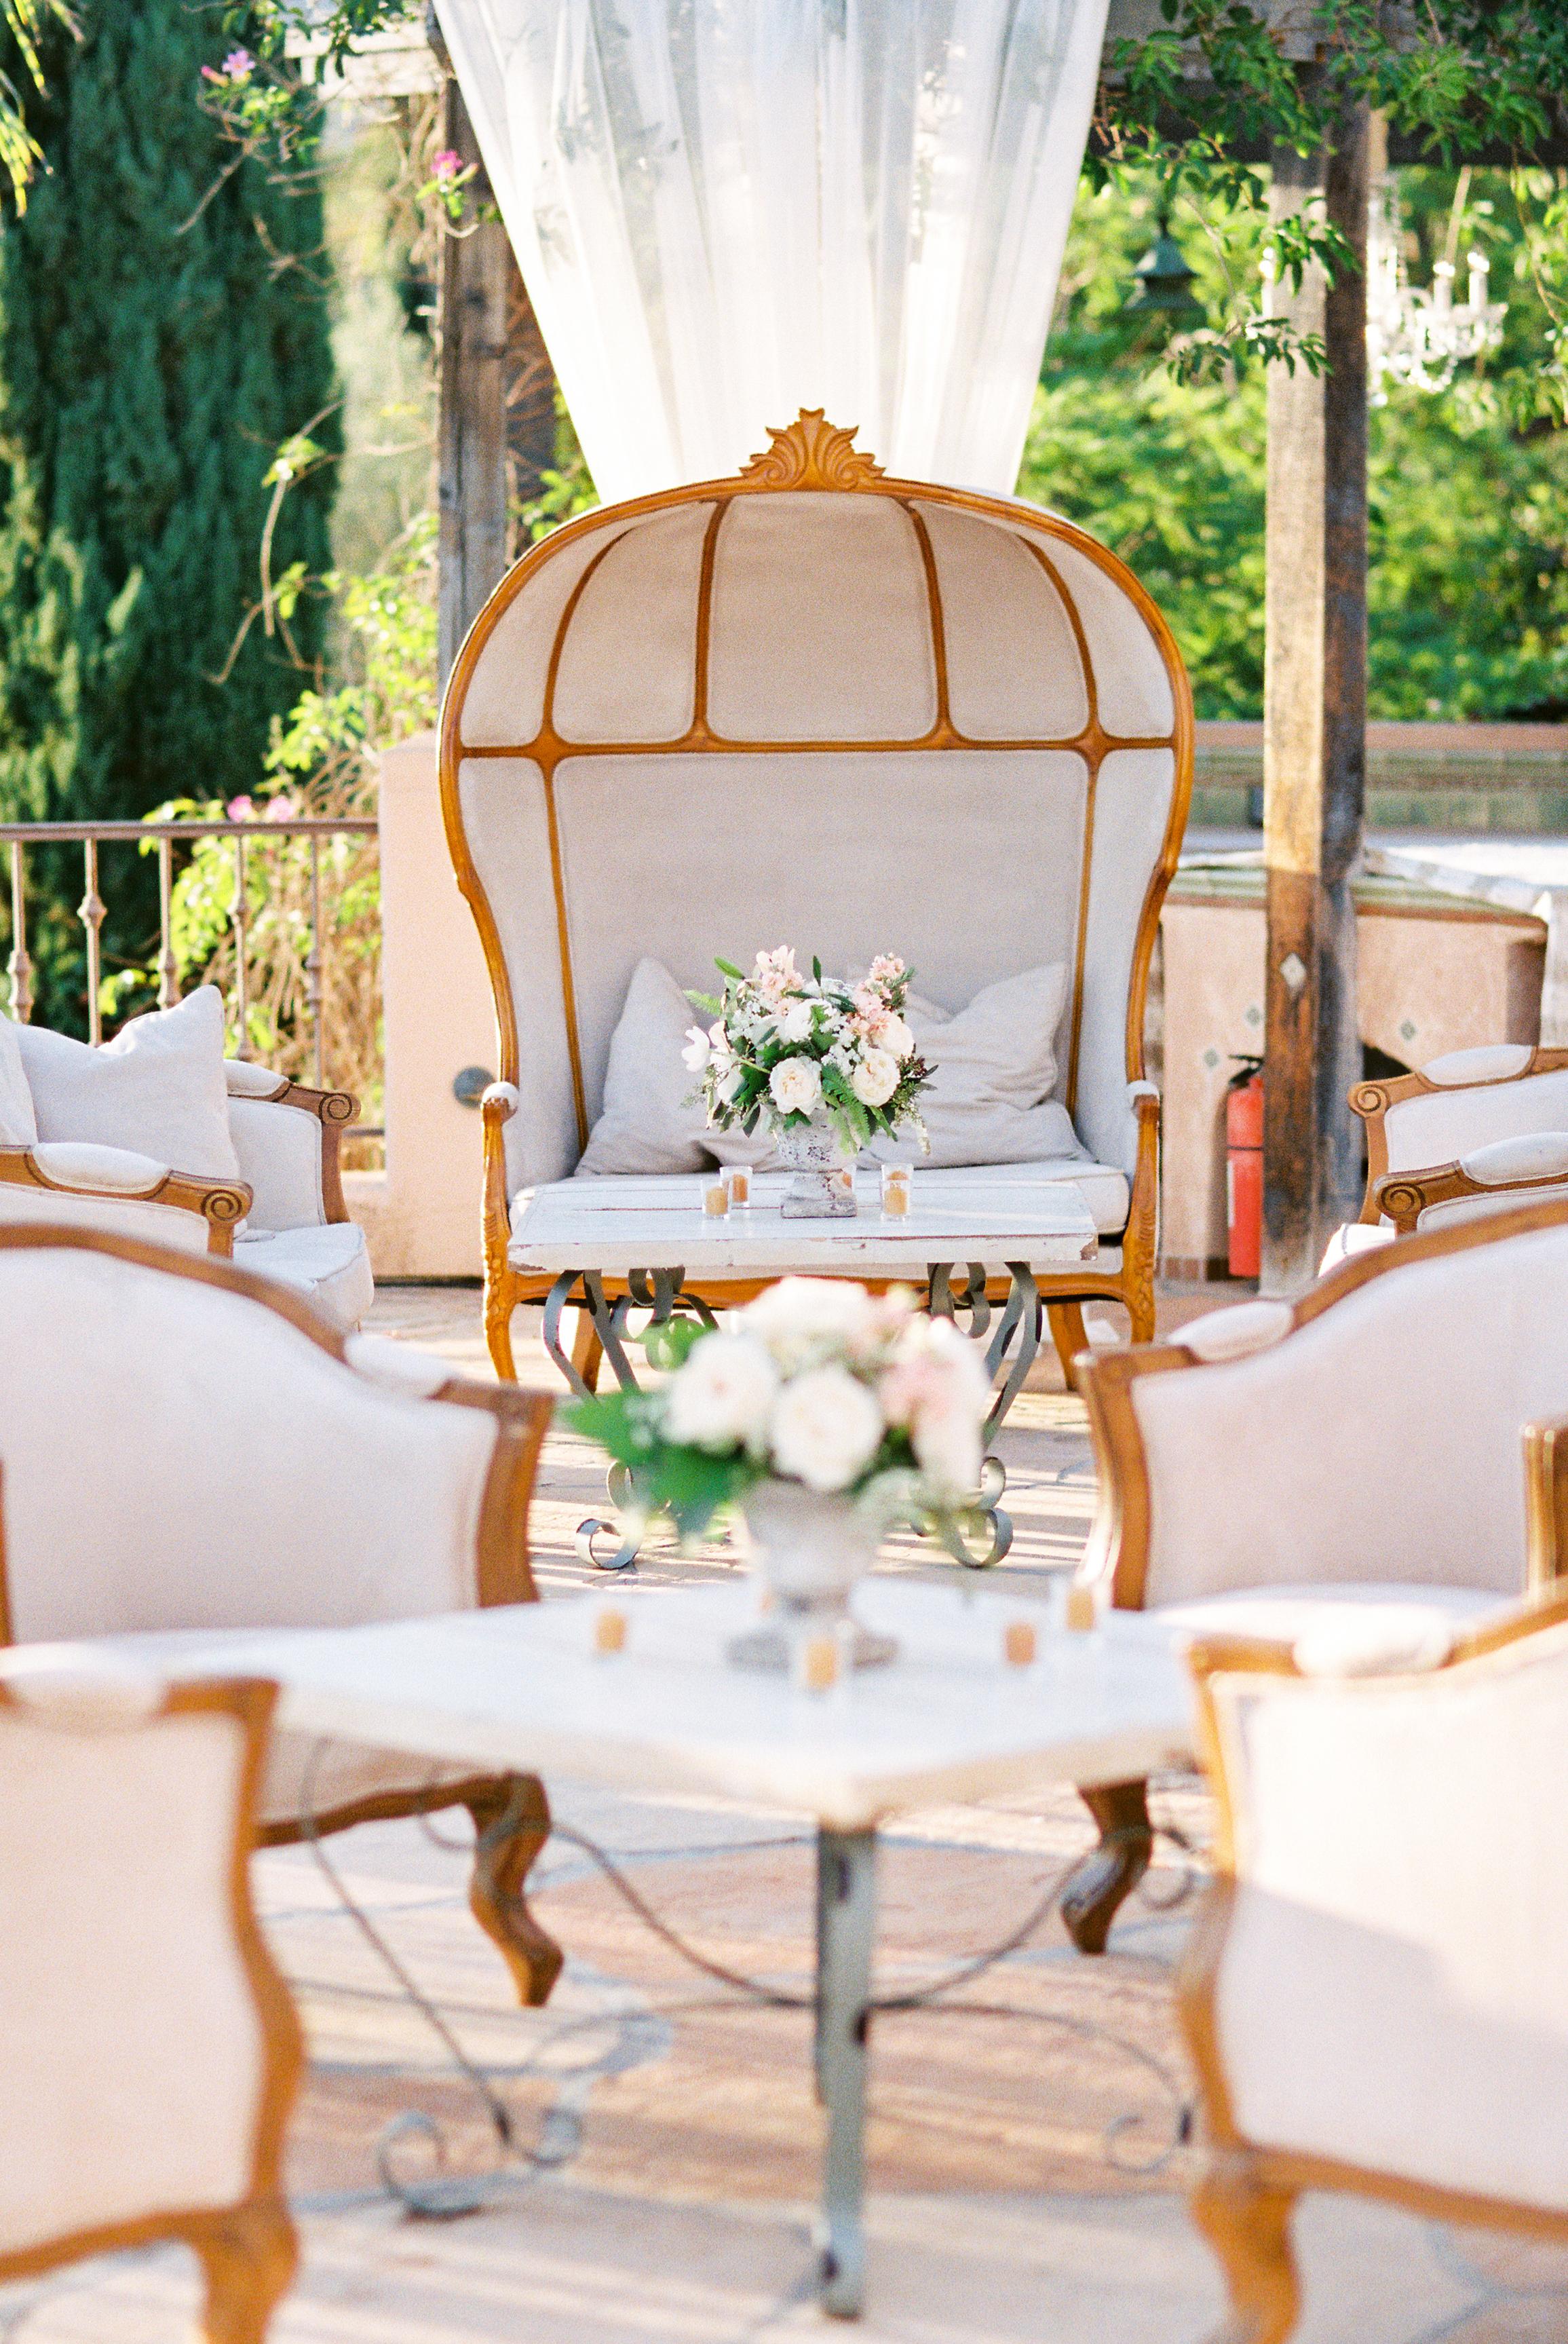 alegria-by-design-wedding-villa-verano-garden-restoration-hardware-event-design-furniture-pastel-ceremony-ocean-view-turquoise-gold (1).JPG